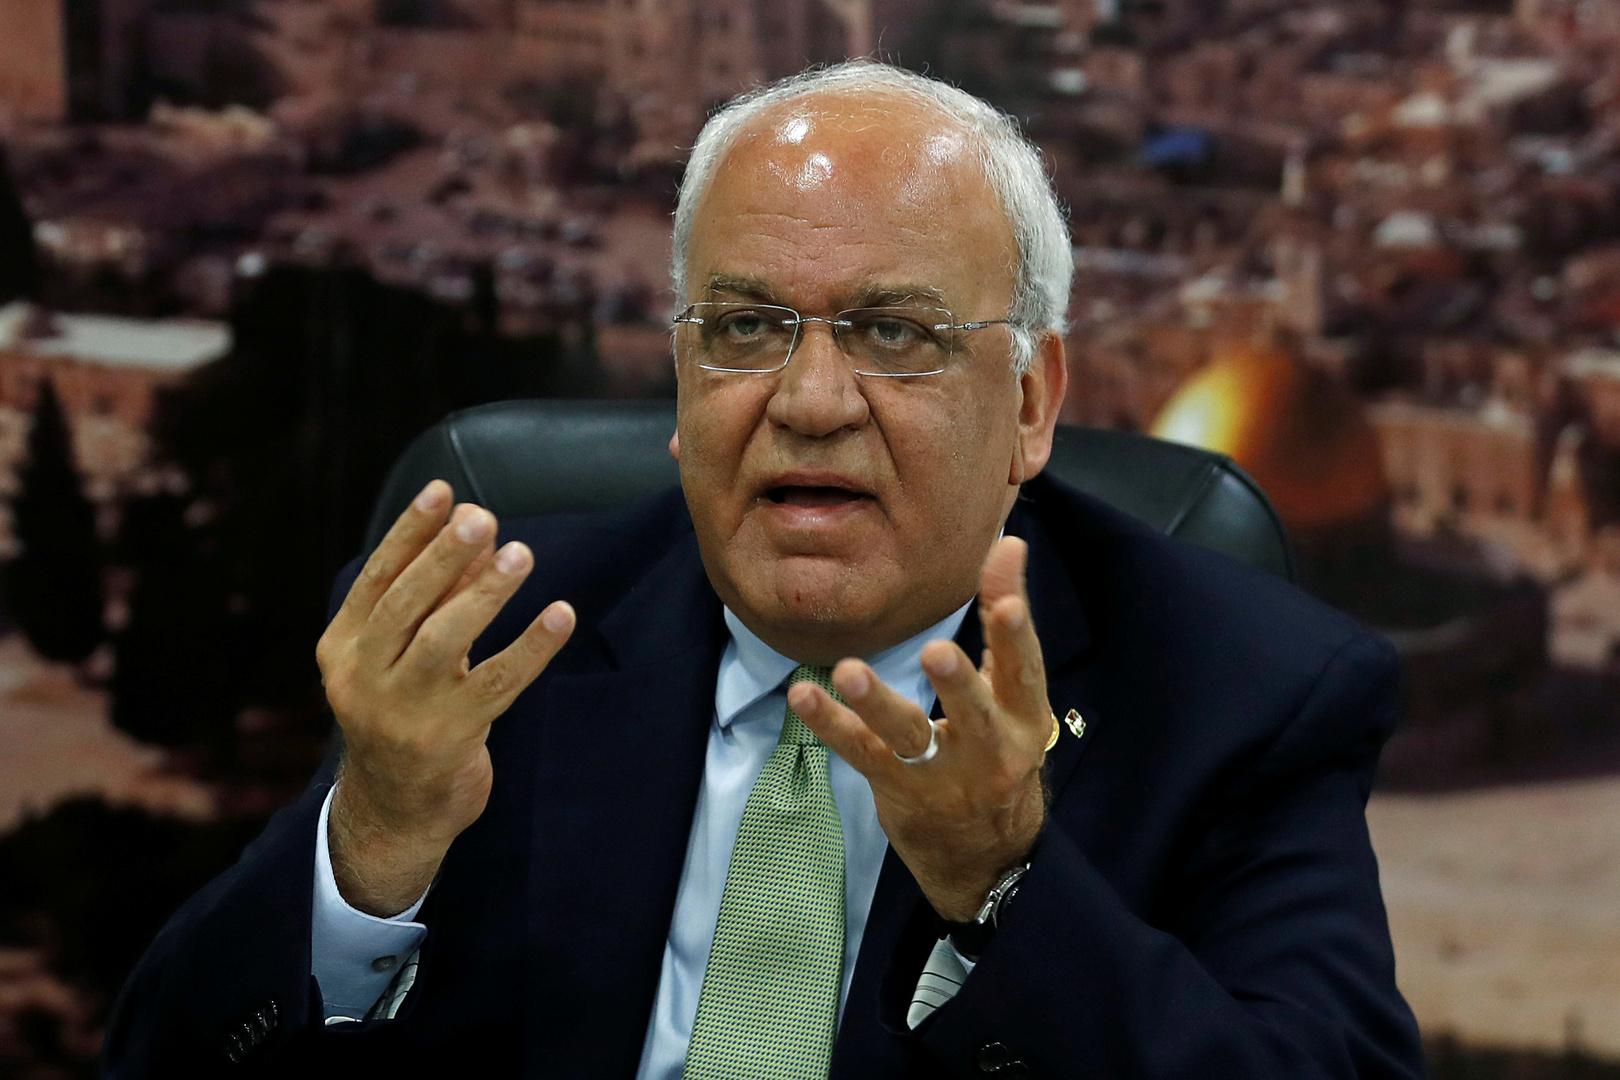 صائب عريقات، أمين سر اللجنة التنفيذية لمنظمة التحرير